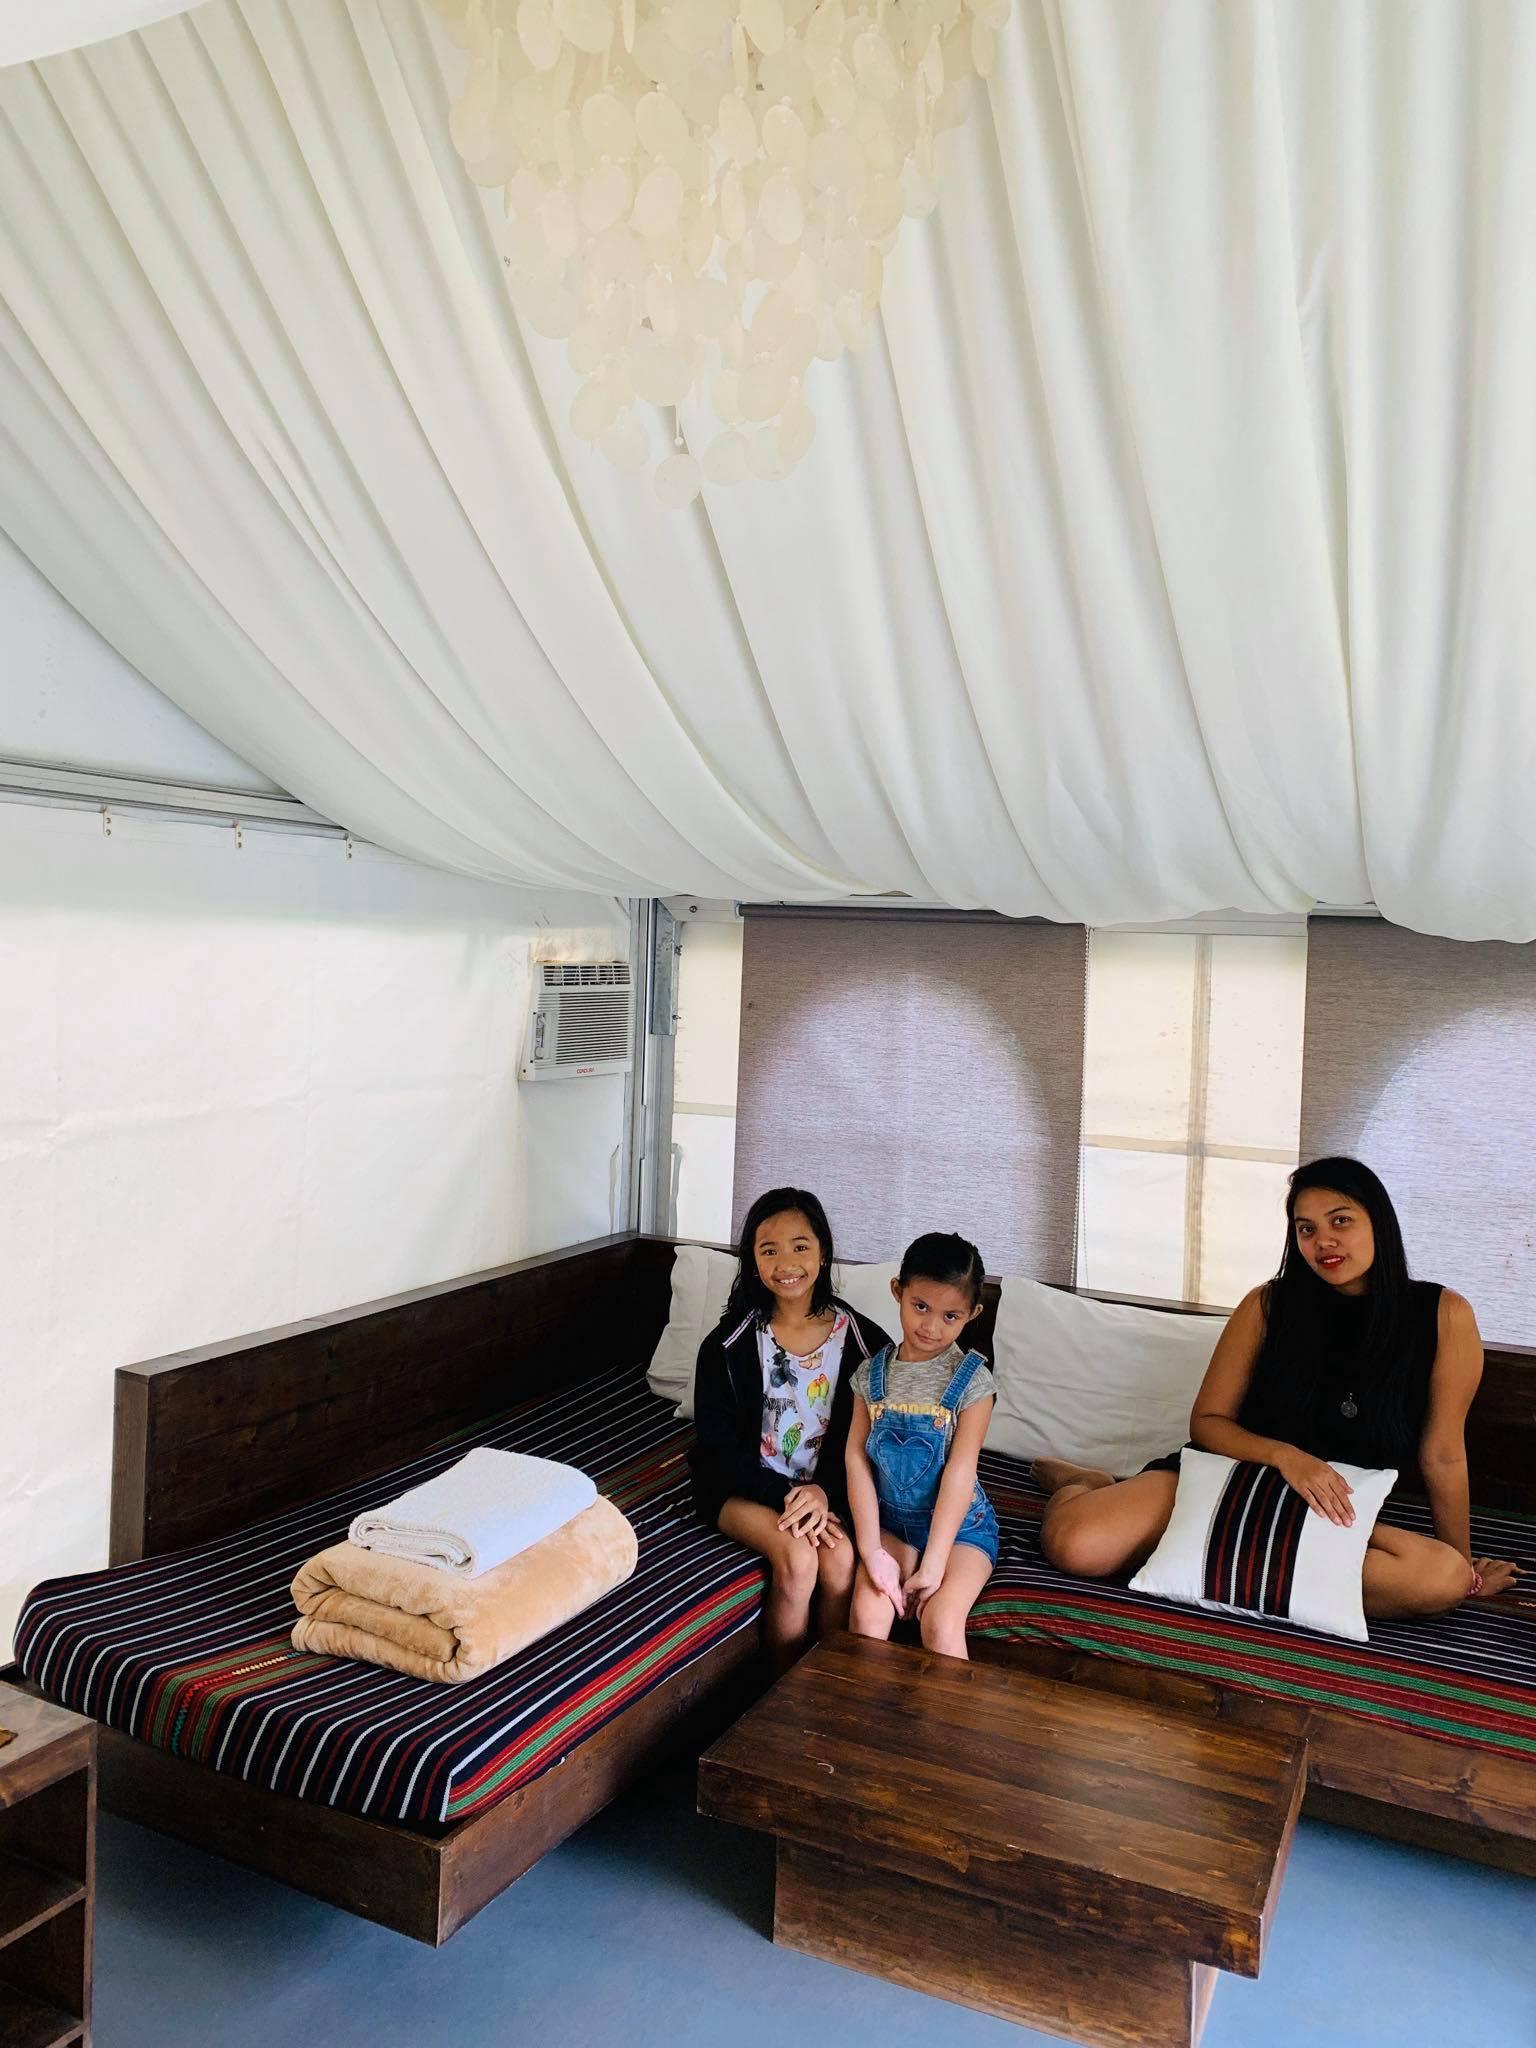 Our Stay in Nurture Wellness Village Resort in Tagaytay, Philippines3